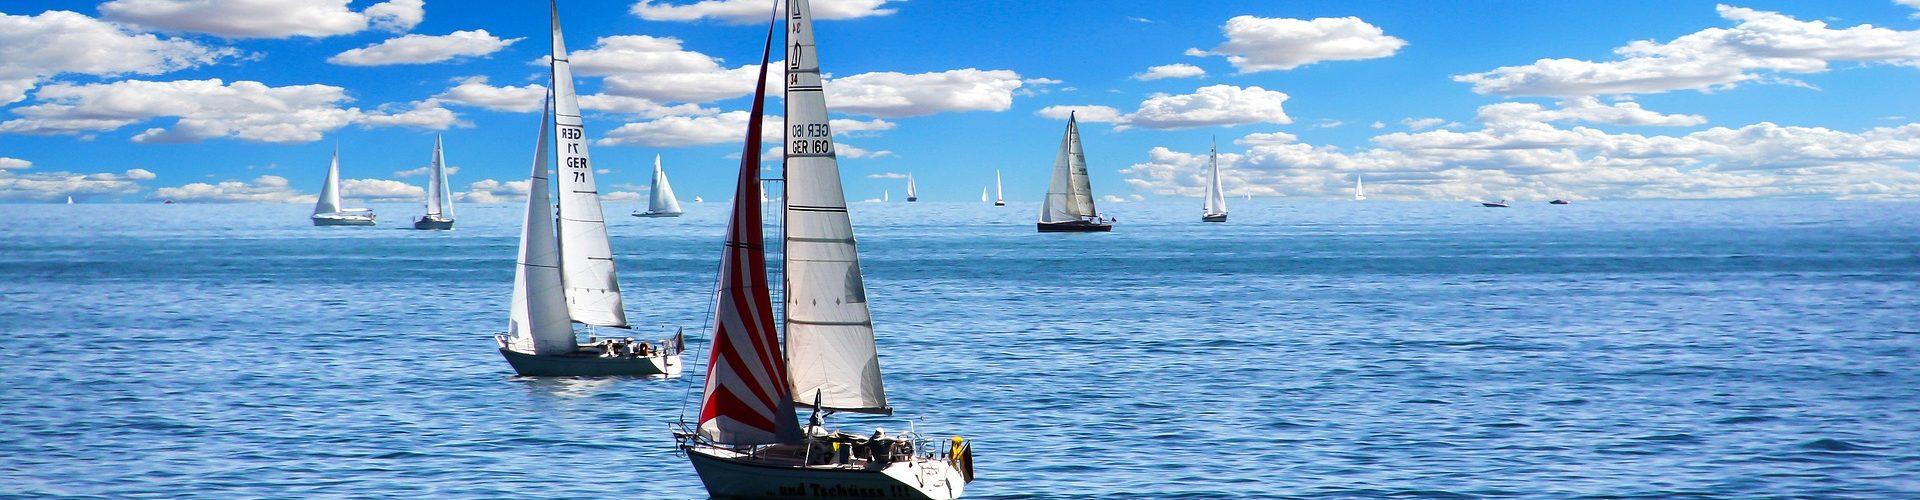 segeln lernen in Retterath segelschein machen in Retterath 1920x500 - Segeln lernen in Retterath